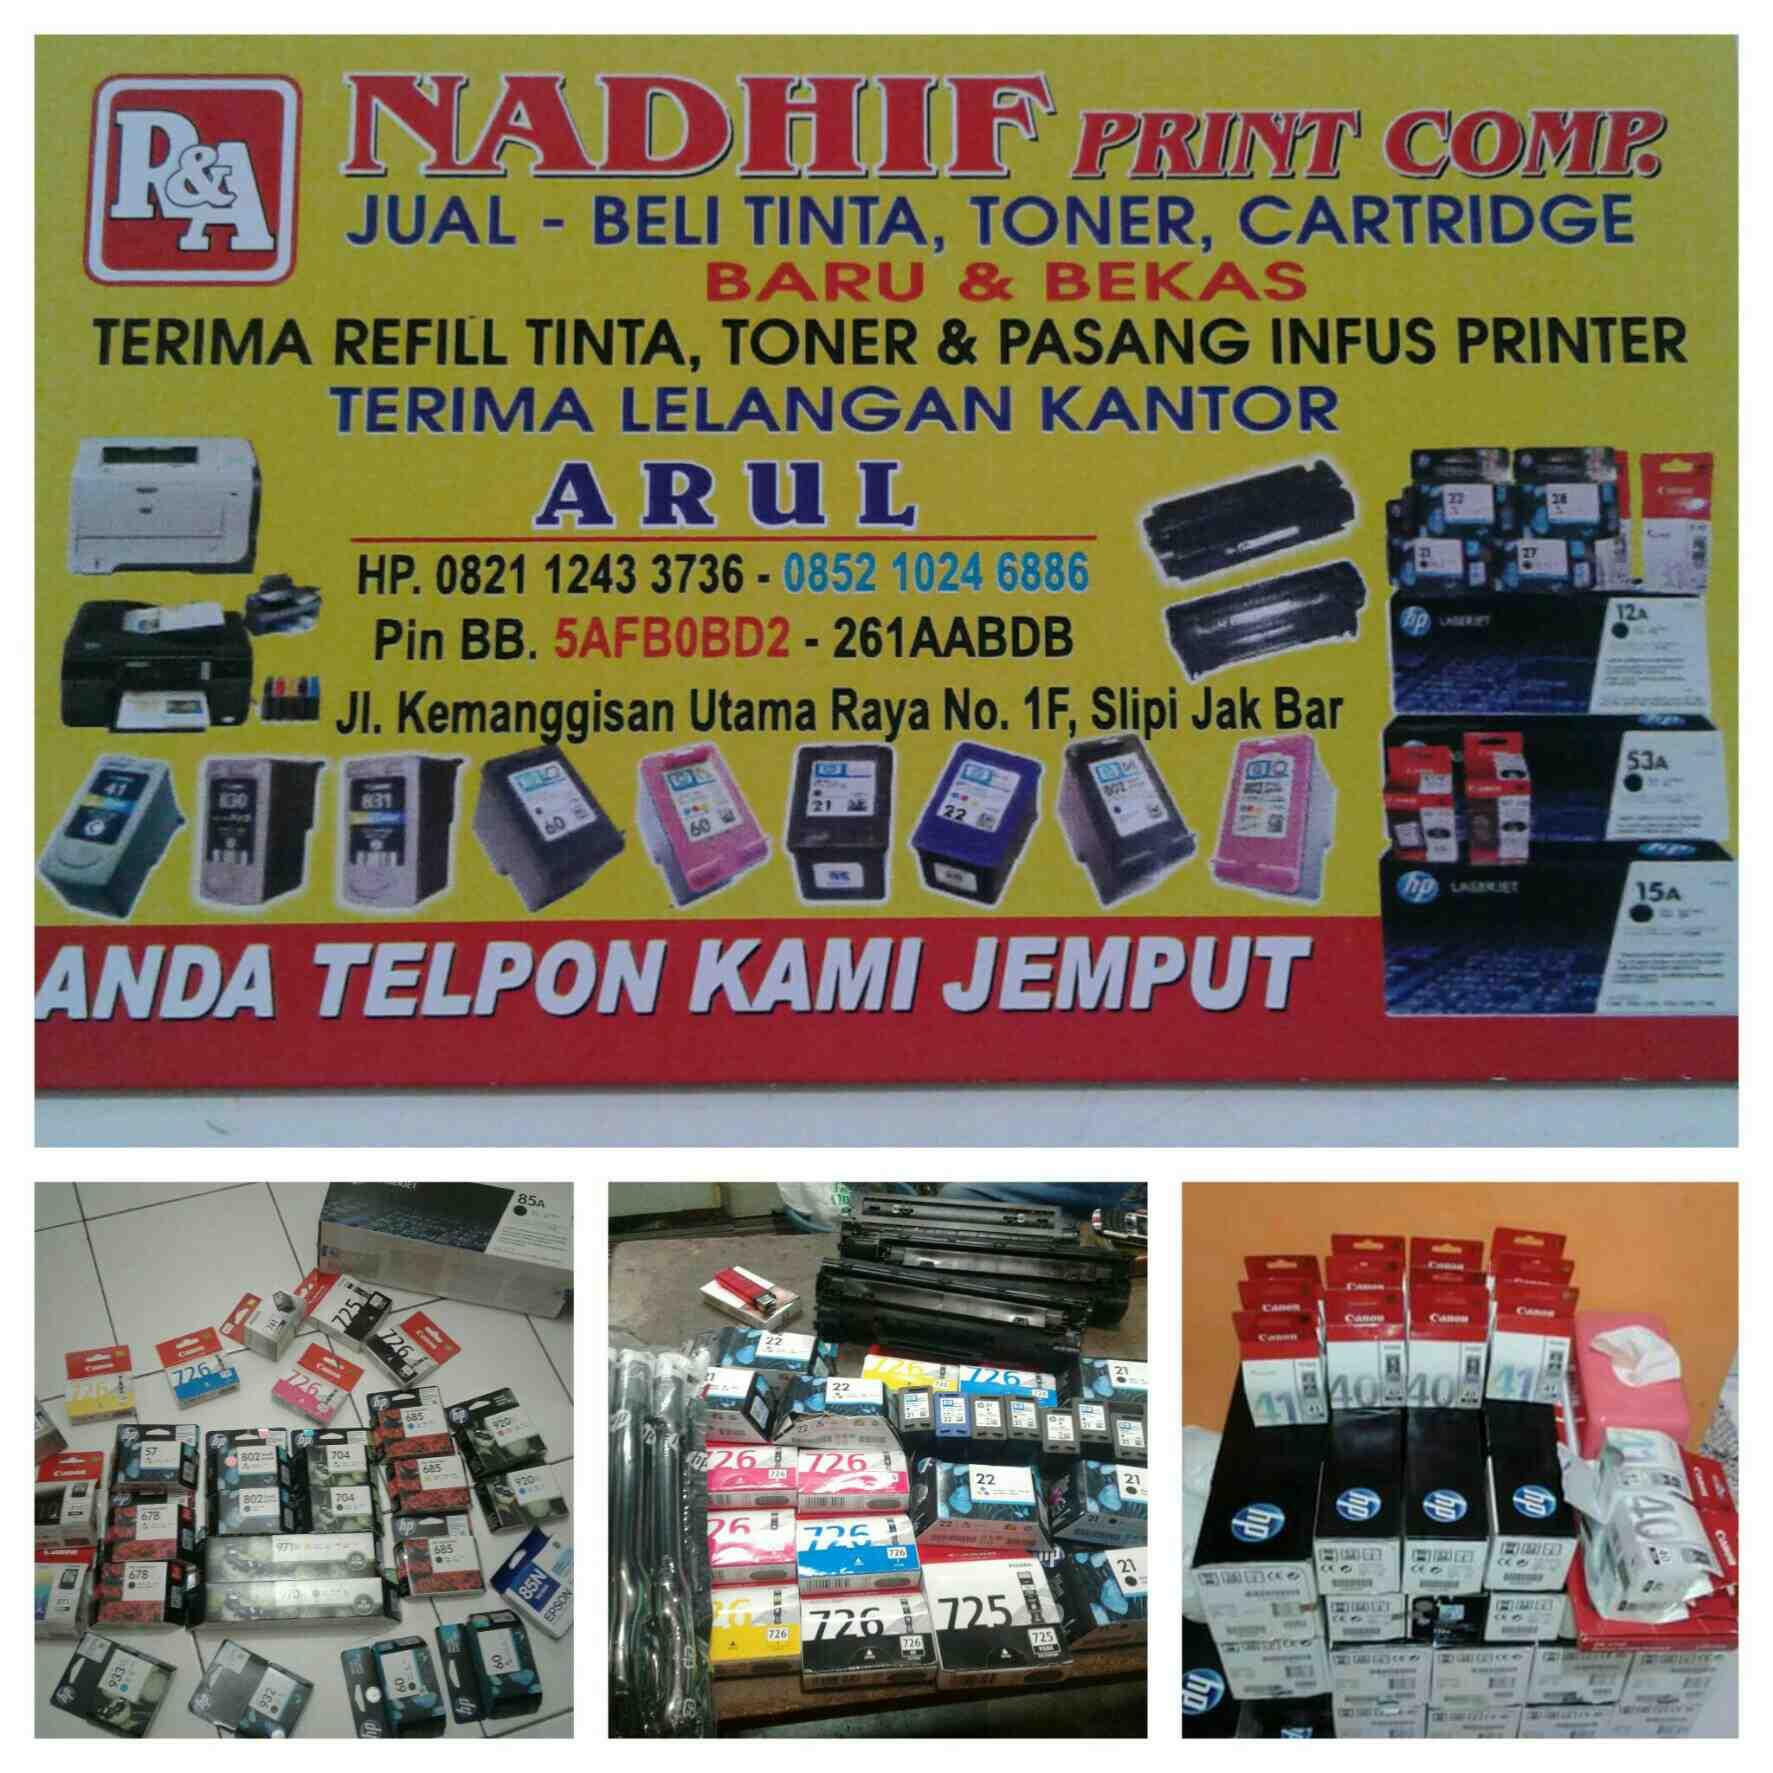 Foto: Nadhif Print Comp/jual Beli Catridge Printer Bekas & Baru